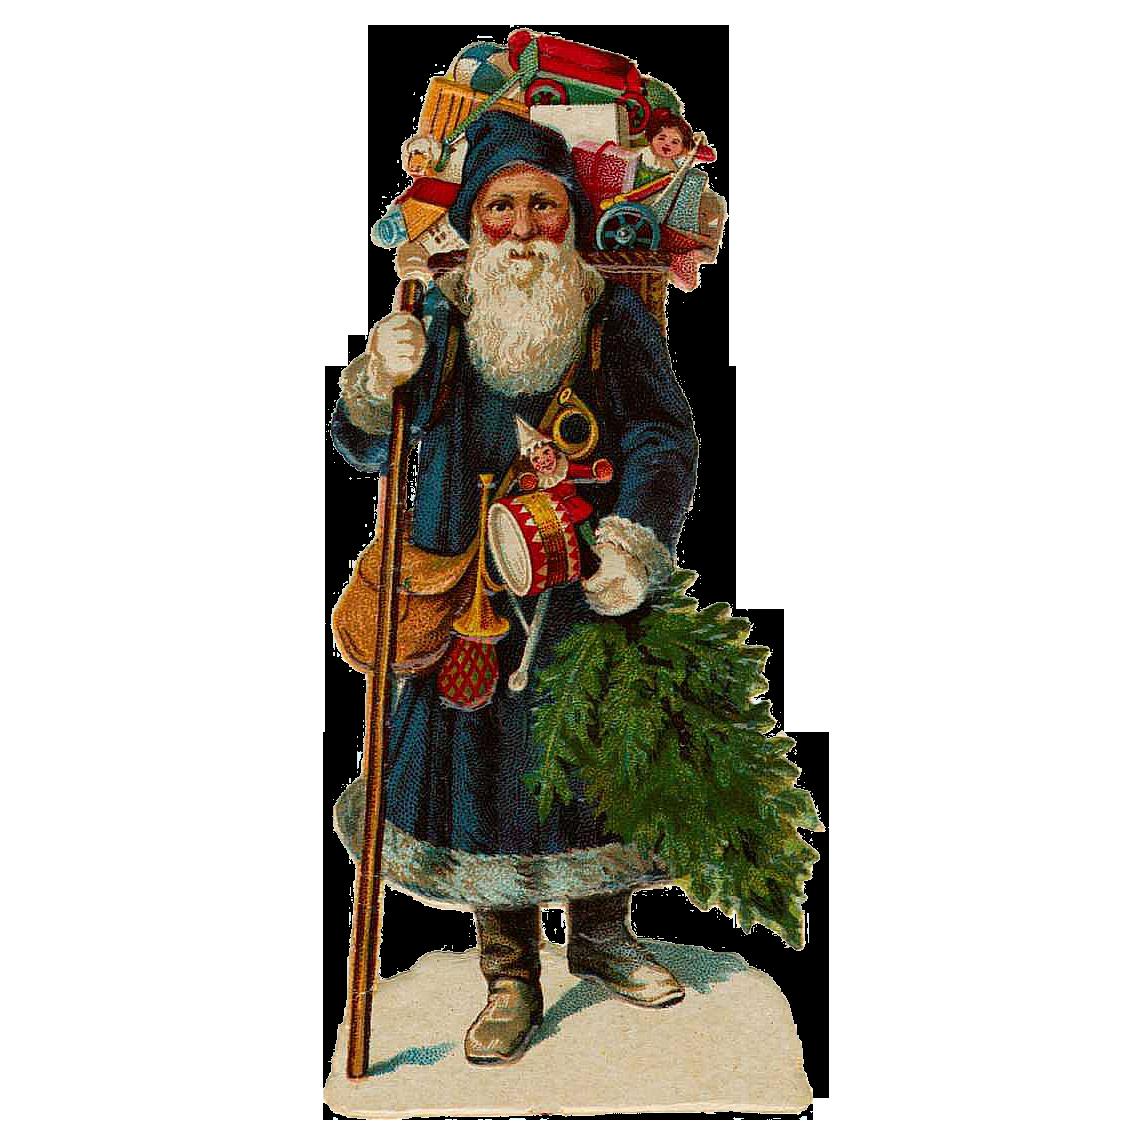 Ausfall des jährlichen Weihnachtsbasars